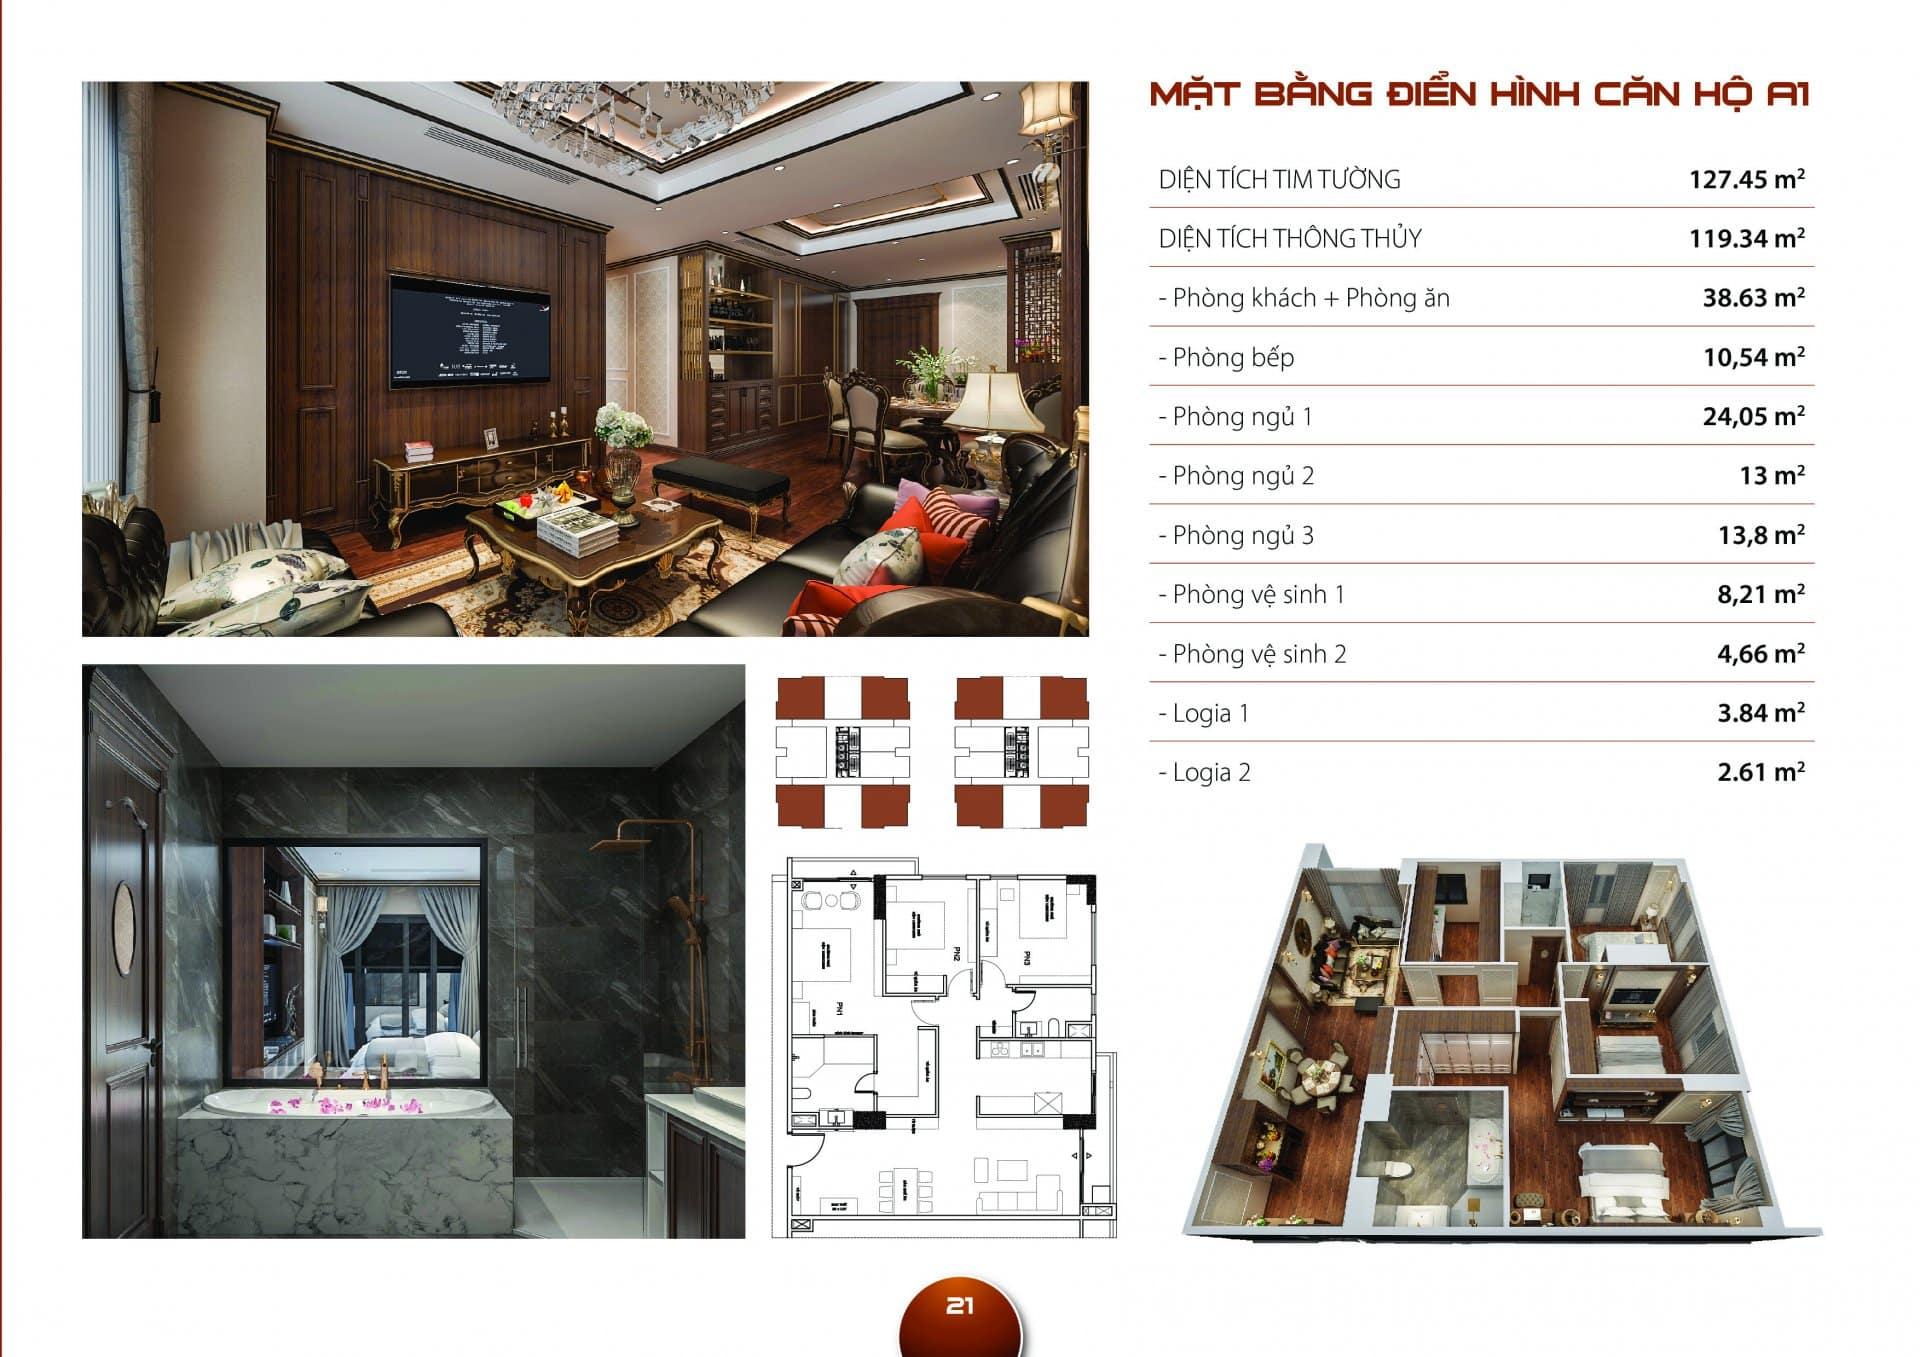 Căn hộ A1 Diện tích thông thủy 119,34m2 thiết kế 03 phòng ngủ